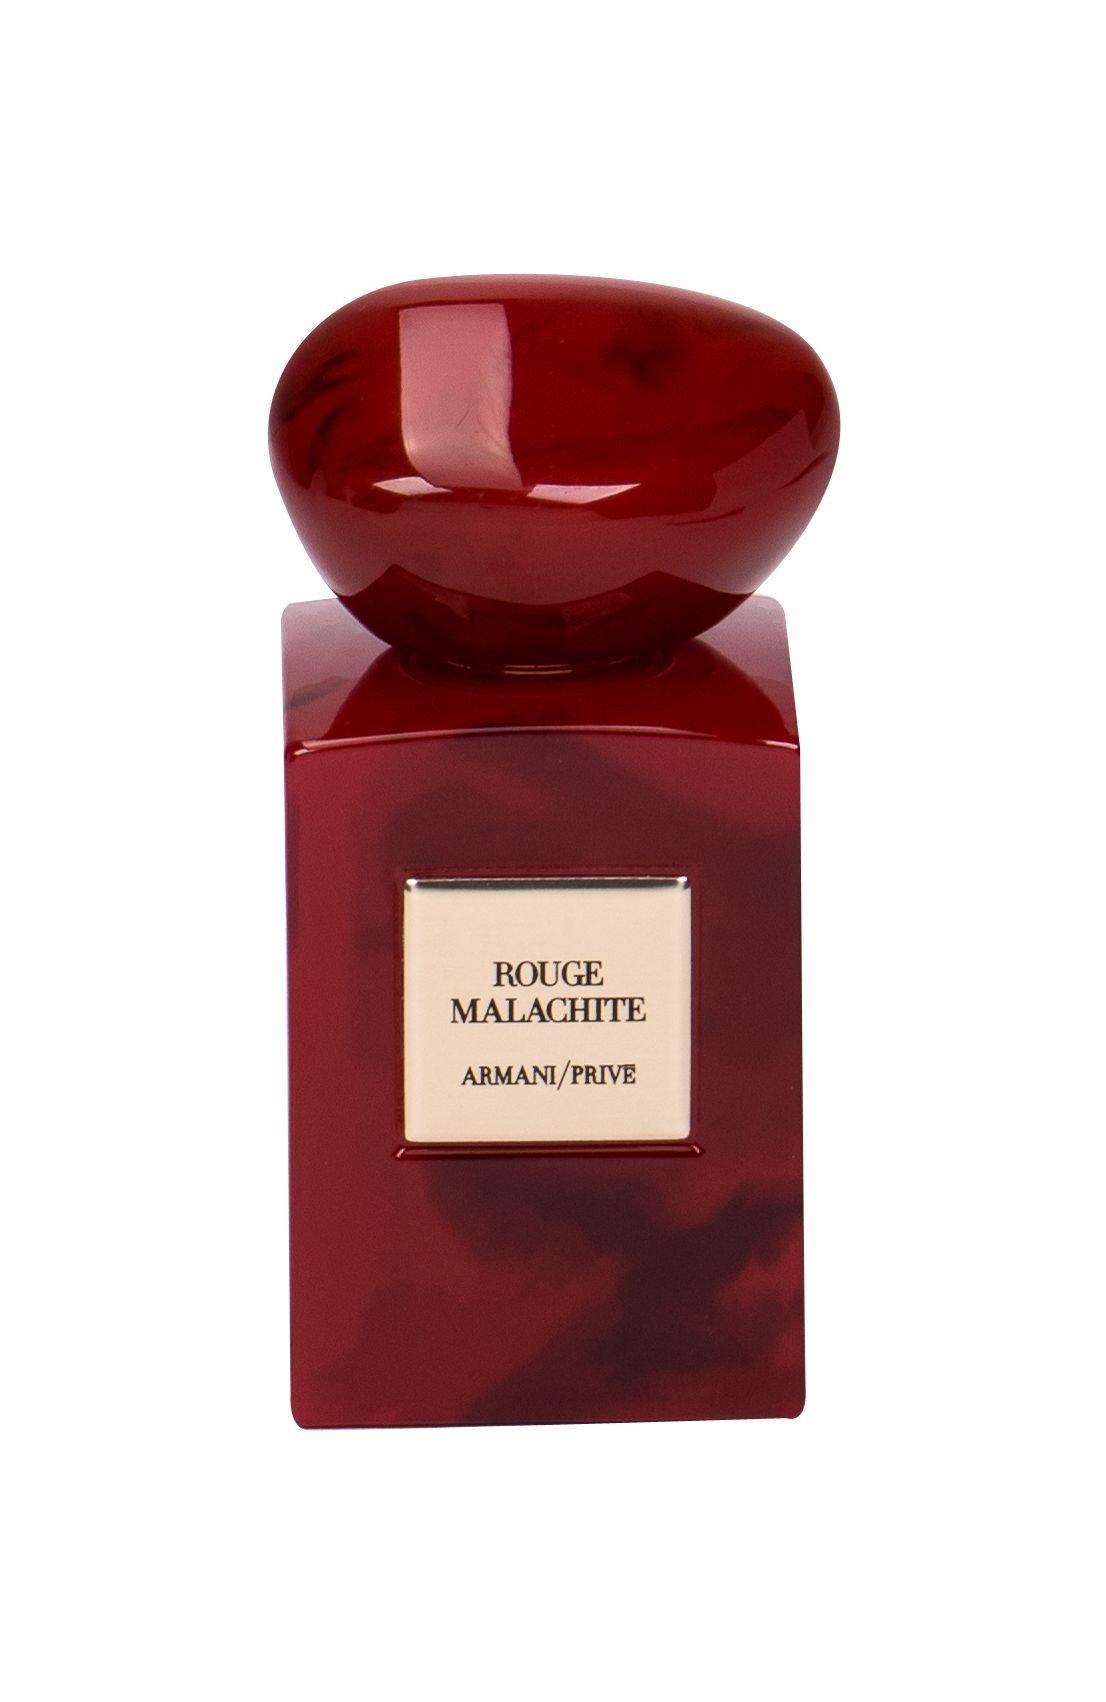 Armani Privé Rouge Malachite Eau de Parfum 50ml